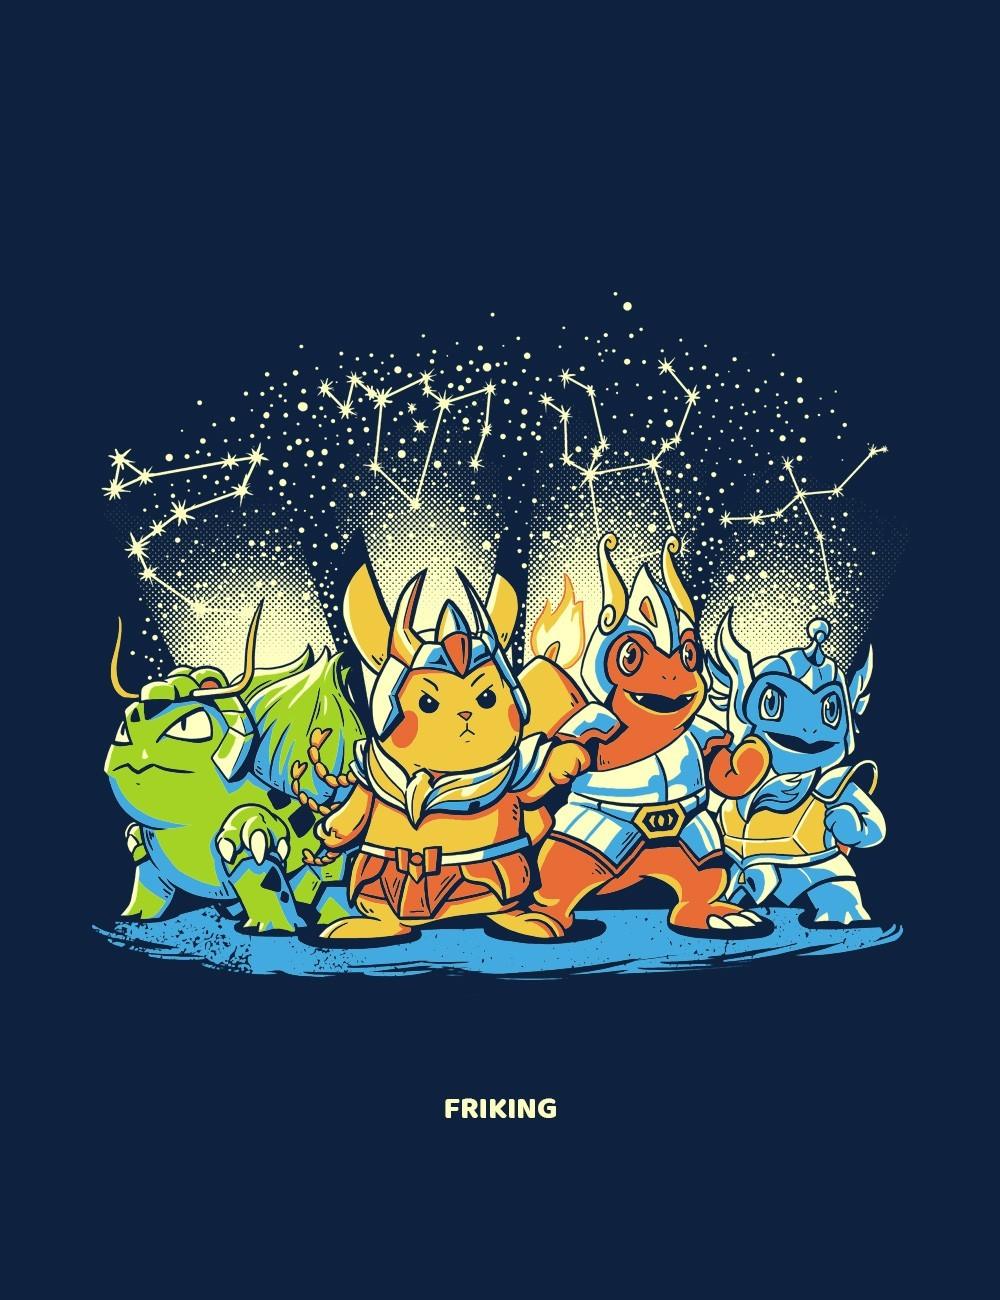 Cosmic powers